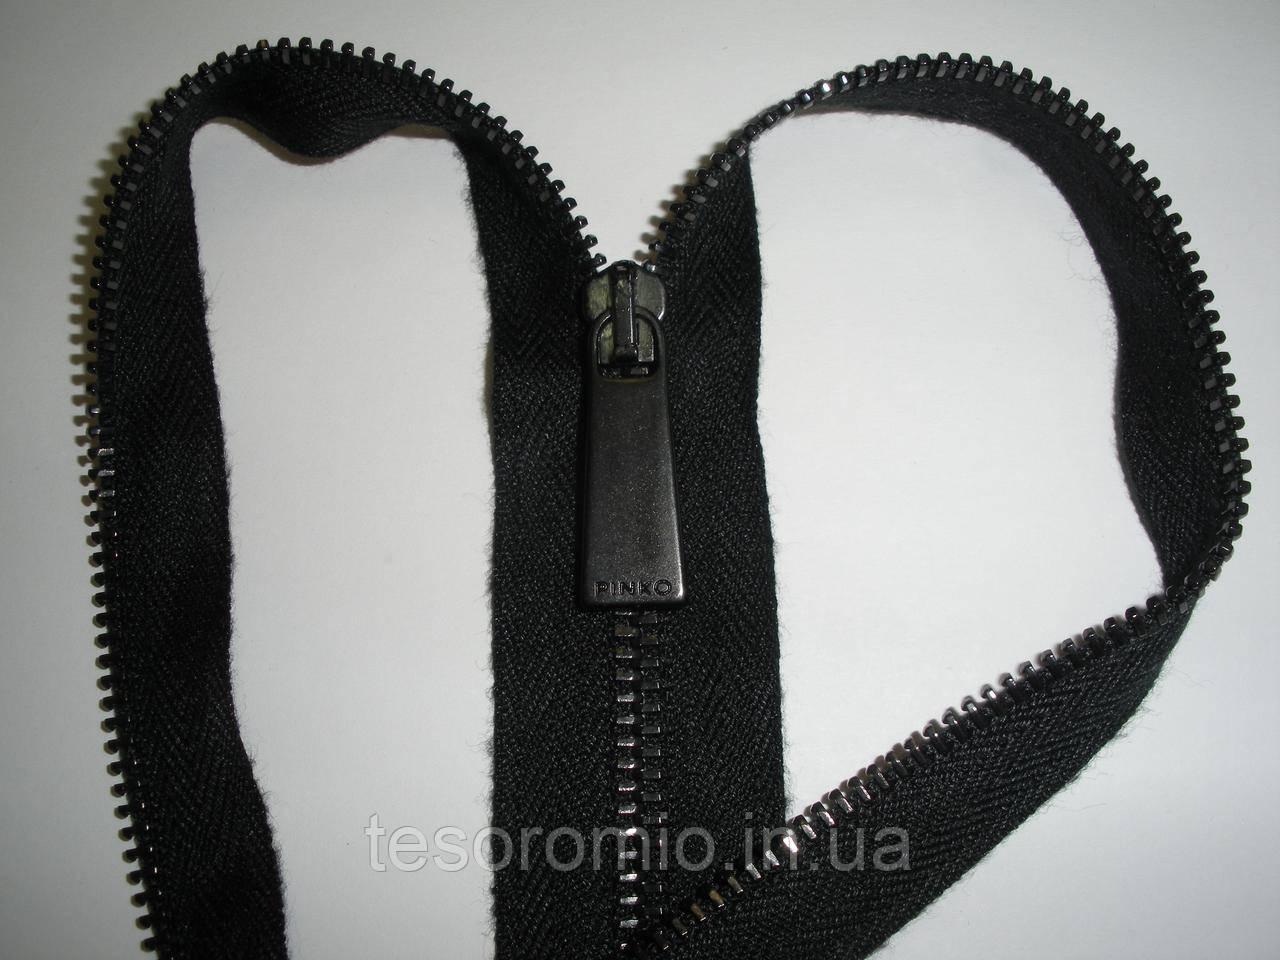 Молния металлическая, разъемная 50 см, 1 бегунок, тип 3. Основа - черная, зубцы - темные.